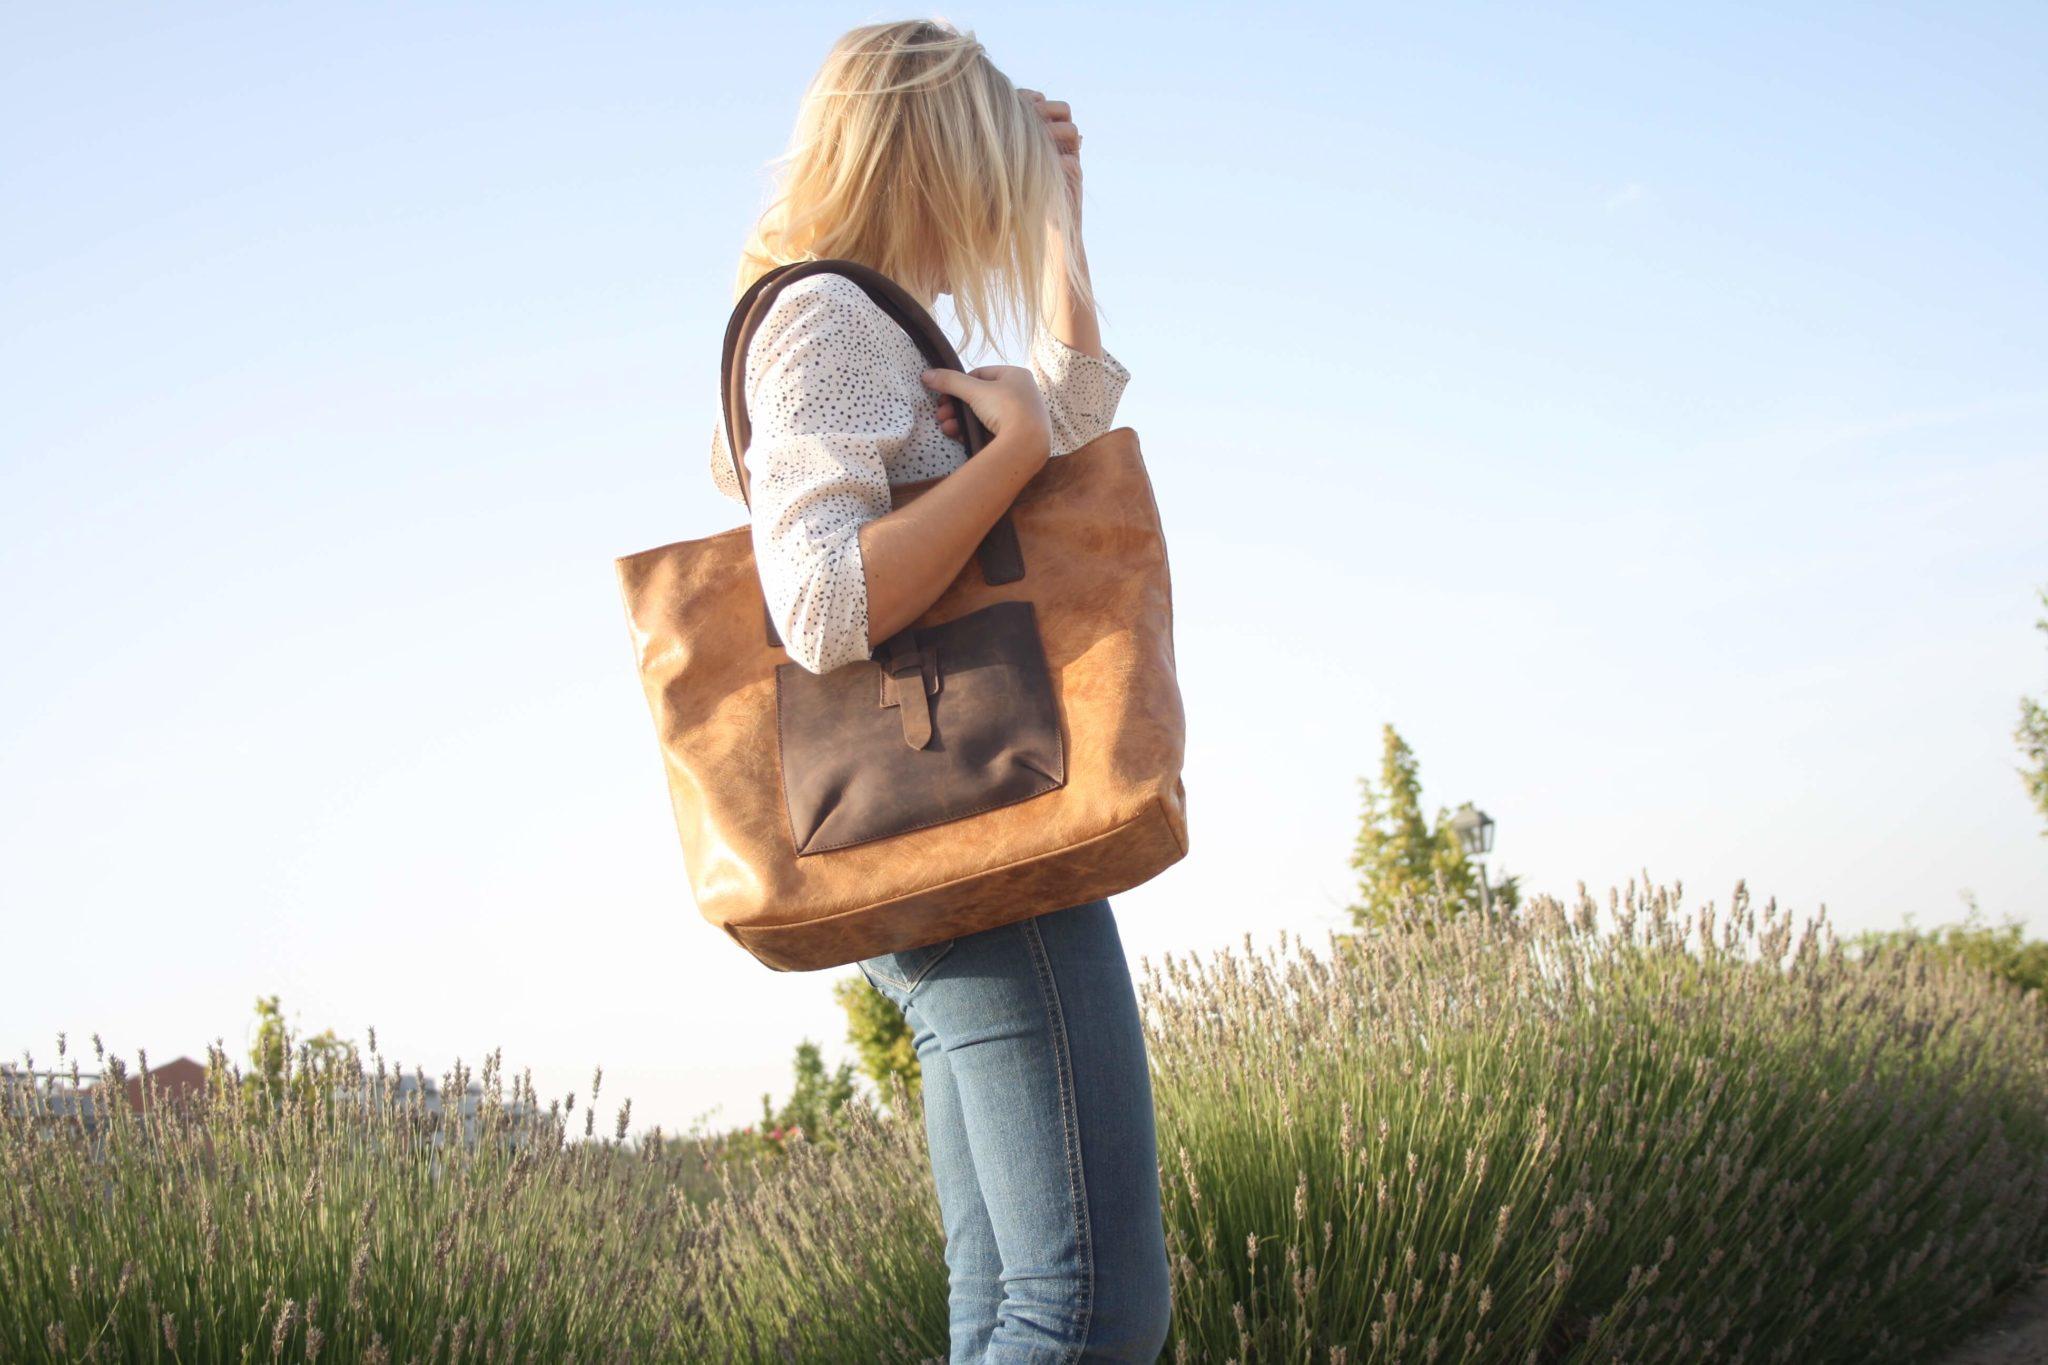 bolso shopper, bolsos de piel, bolsos rebaajas, kalimba, verano, moda, complementos, tendencias, compra online